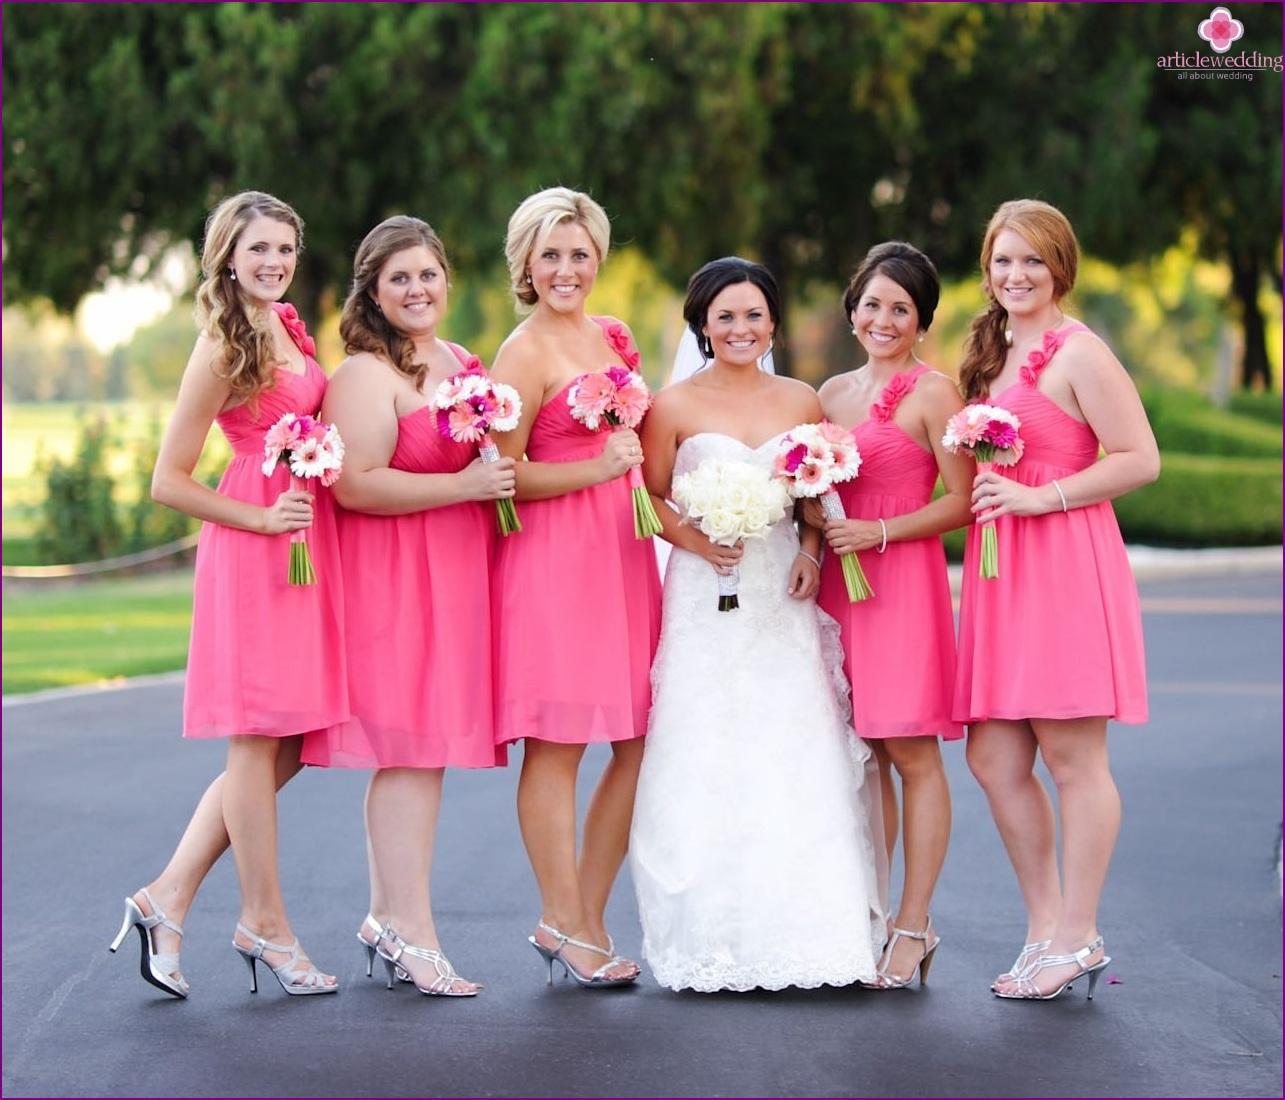 Mismo vestido de damas de honor: los pros y los contras de capricho